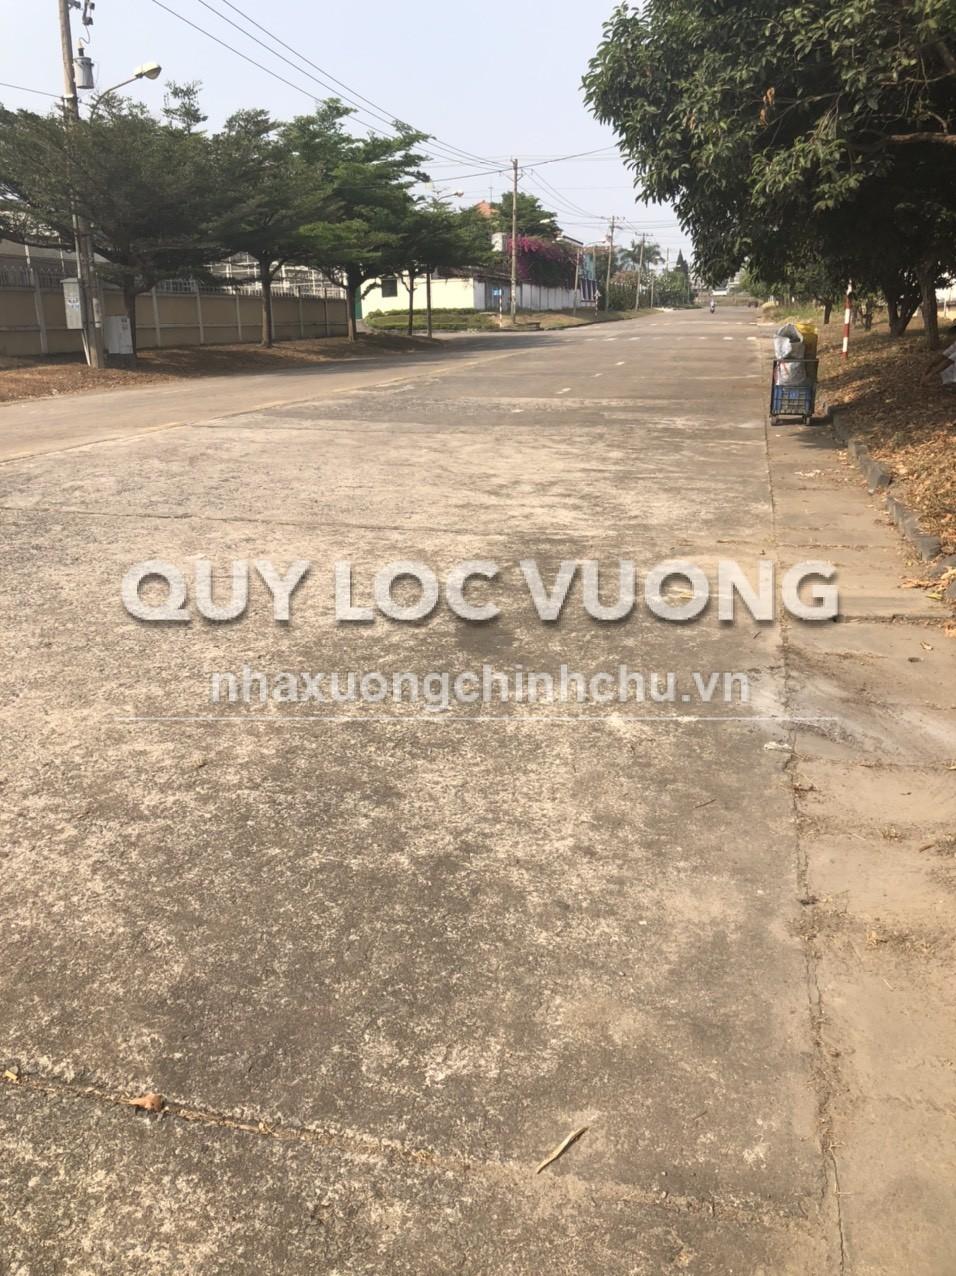 bán hoặc cho thuê đất xưởng 10.000m2 ở KCN Hố Nai Trảng Bom Đồng Nai